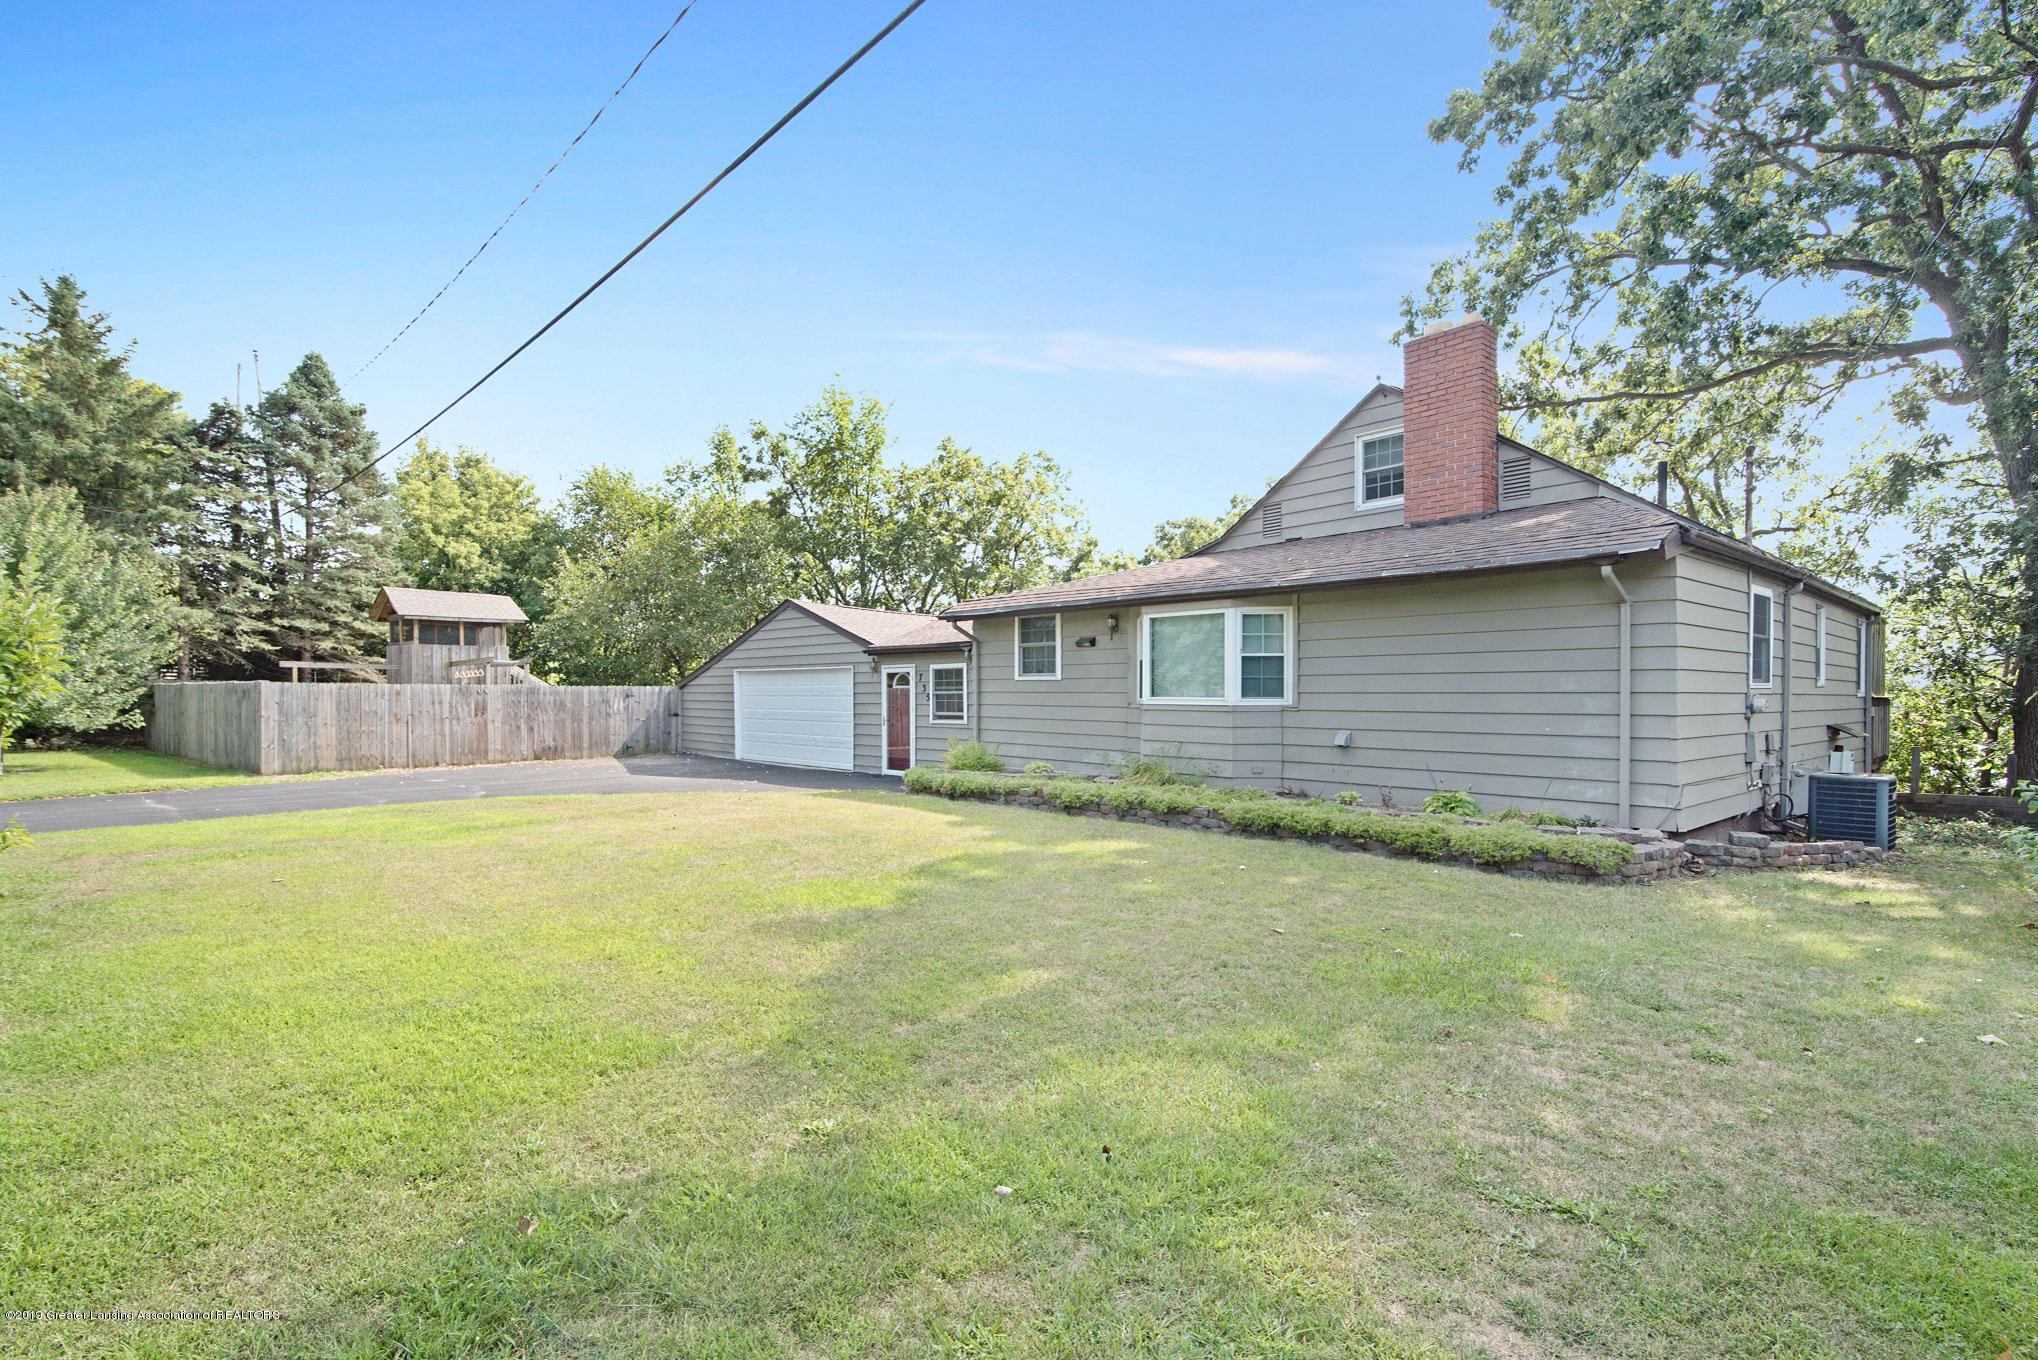 735 S Cloverhill Rd - Photo-Aug-16,-4-04-50-PM - 21